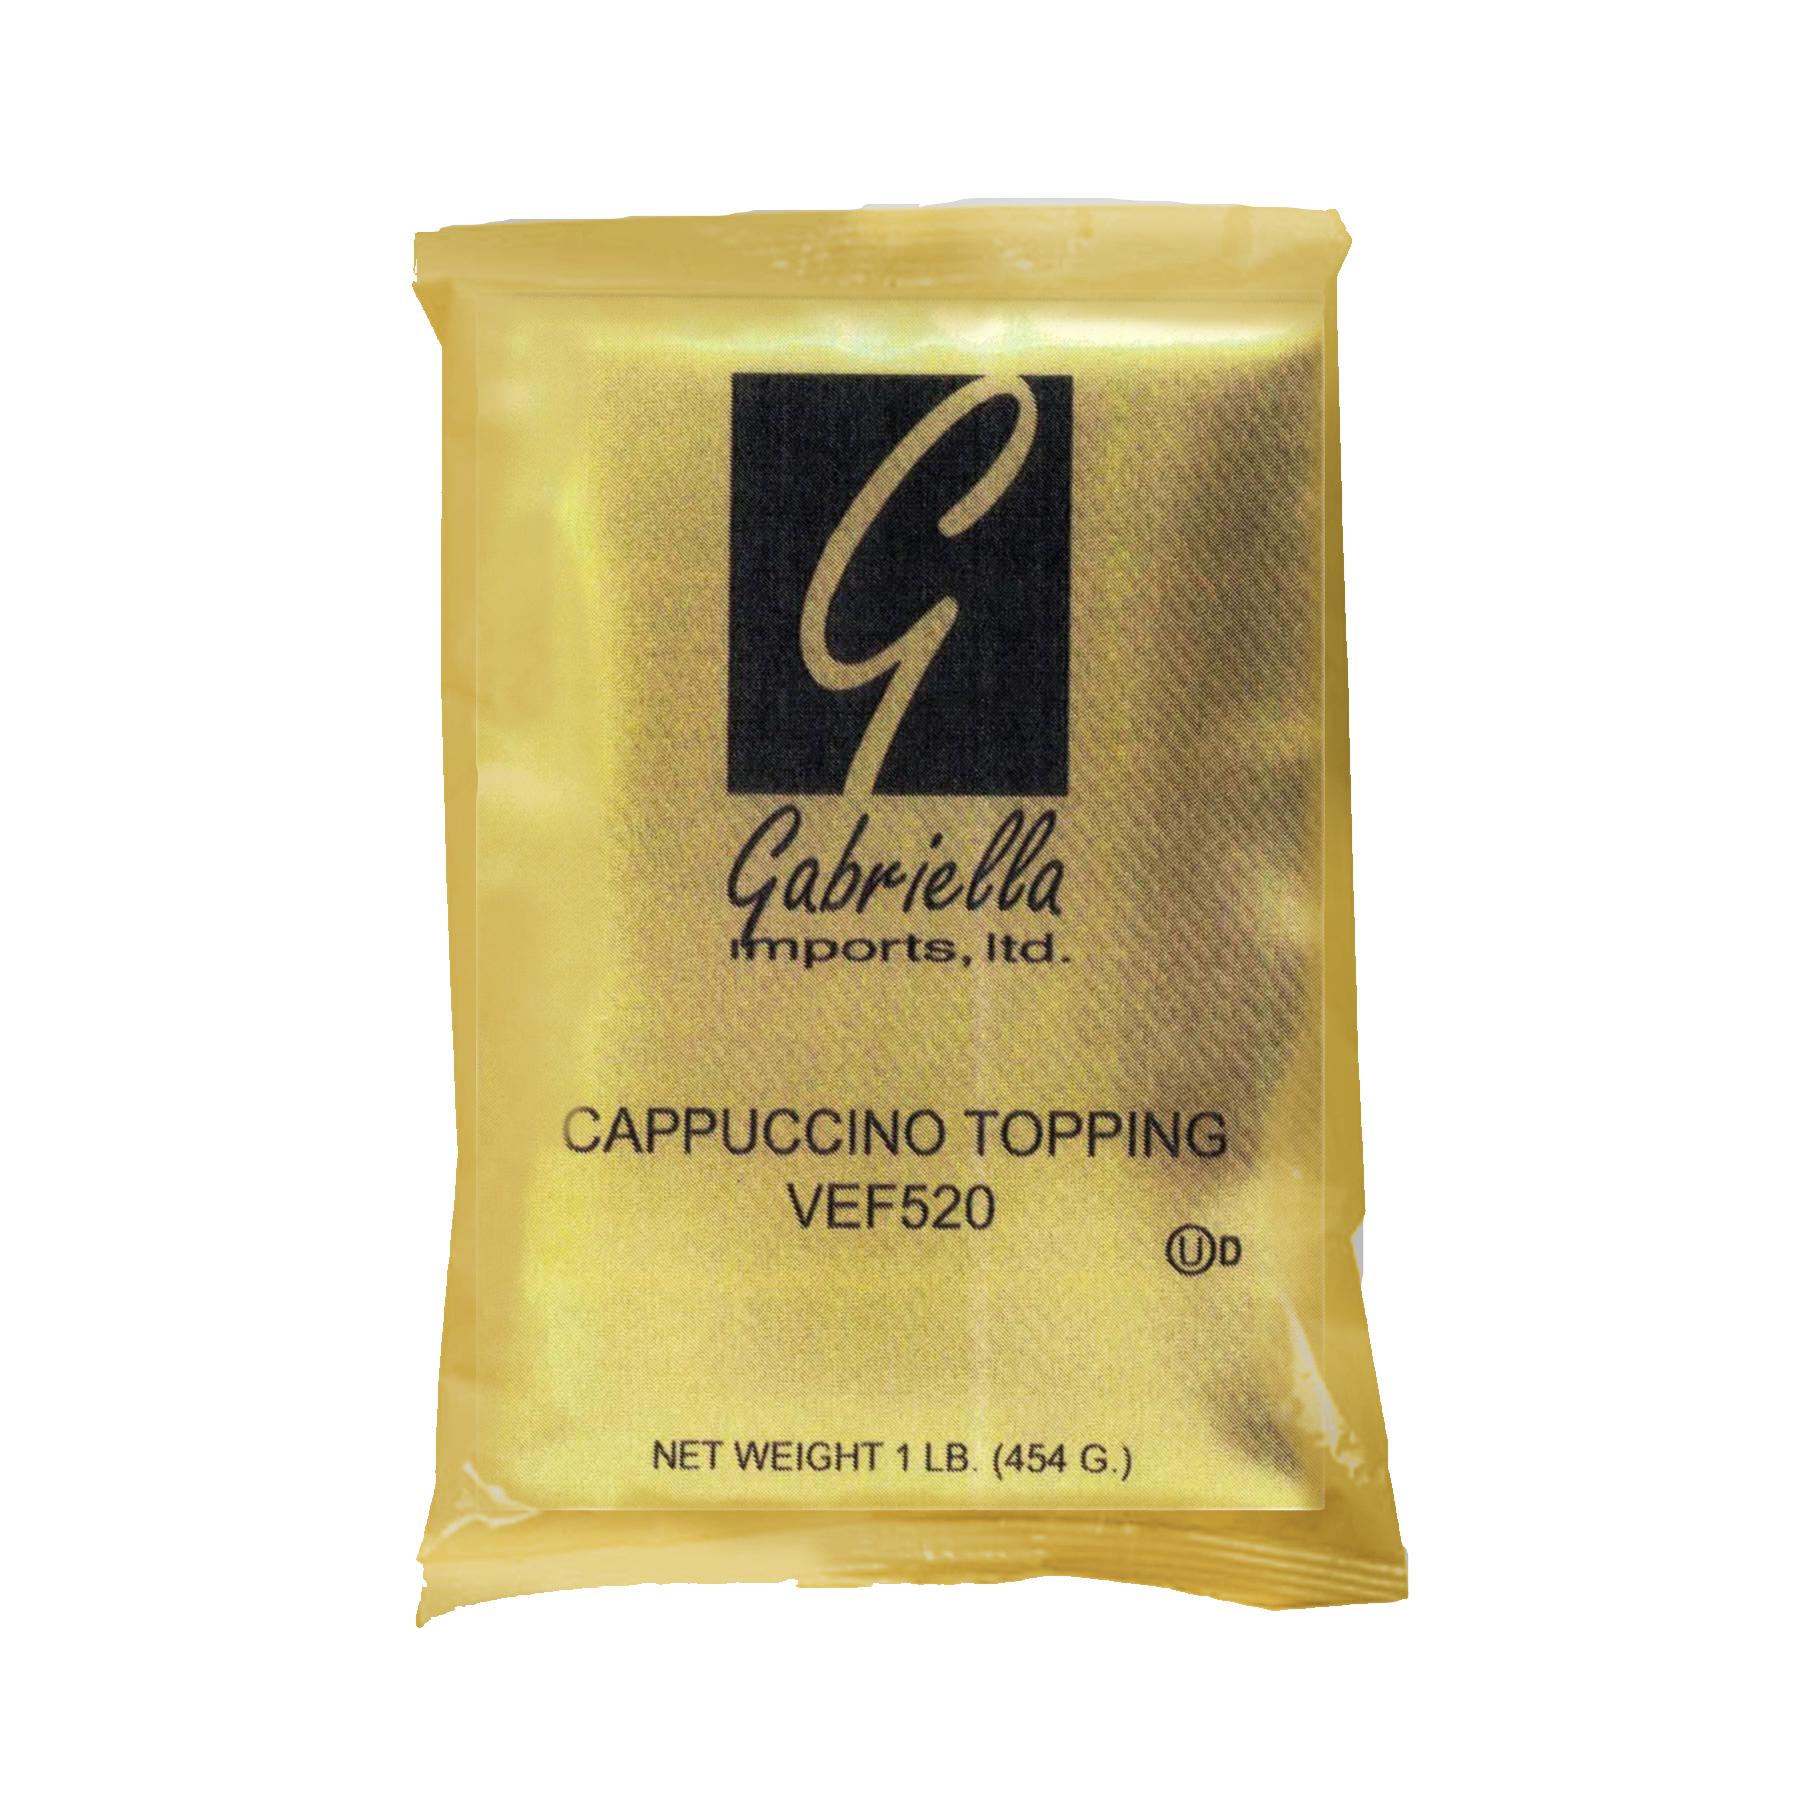 CAPPUCCINO TOPPING, GABRIELLA